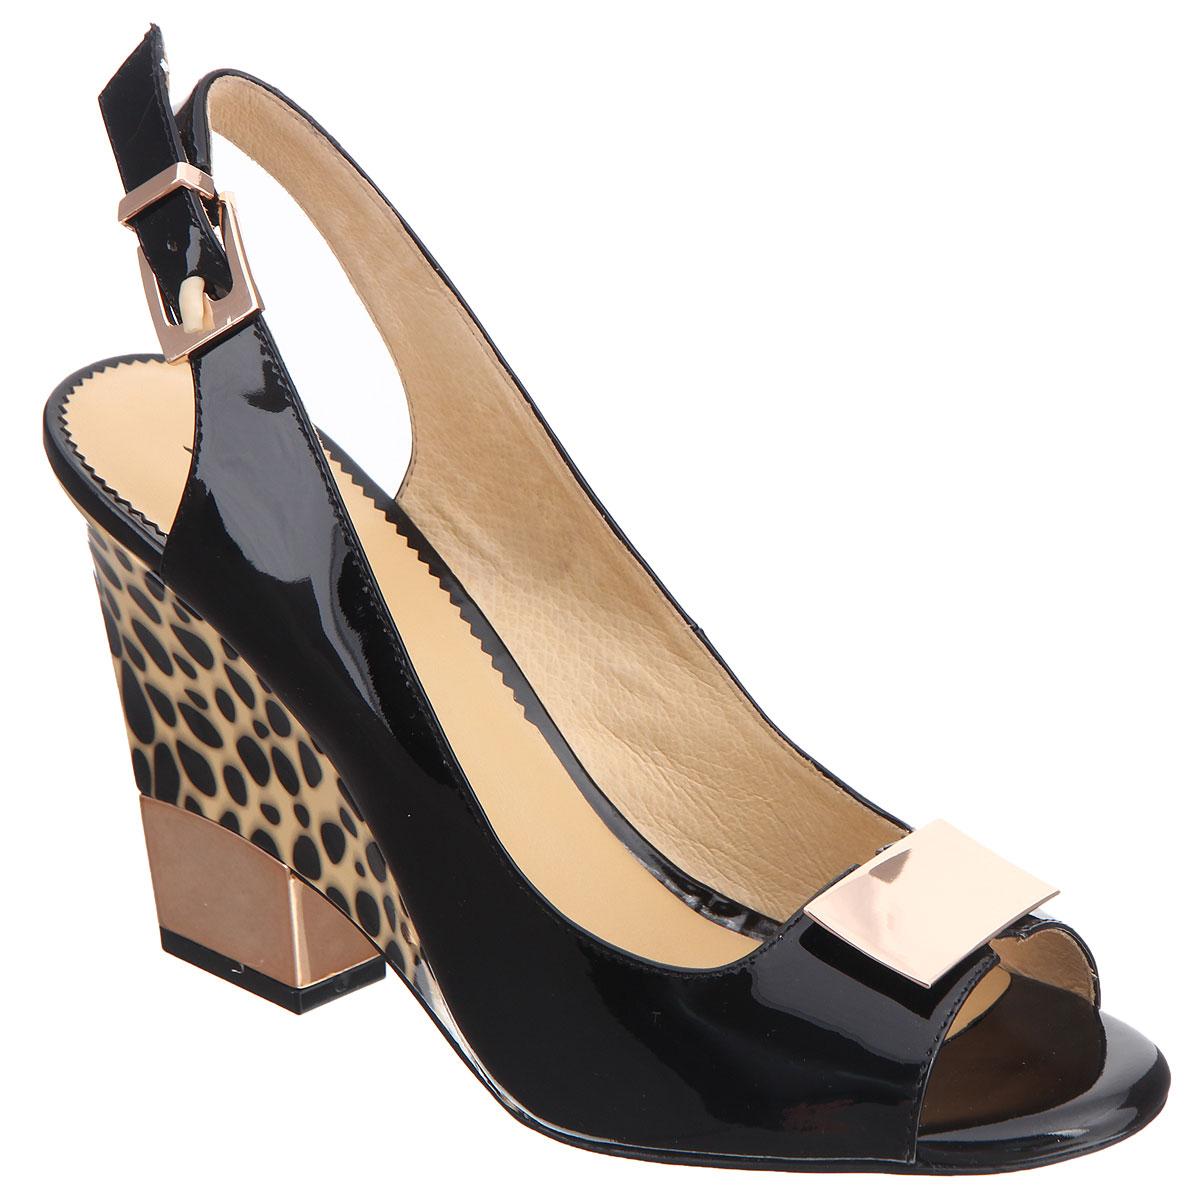 Босоножки женские. CZL146-208ACZL146-208AСтильные босоножки на каблуке от Lisette станут прекрасным дополнением летнего гардероба. Верх модели выполнен из натуральной лакированной кожи и оформлен прямоугольным декоративным элементом. Внутренняя часть и стелька из натуральной кожи гарантируют комфорт и удобство. Пятка и носок открыты. Ремешок с металлической пряжкой, огибающий пятку, надежно фиксирует модель на ноге. Над небольшим блестящим каблуком имеется вставка-танкетка, оформленная звериным принтом. Подошва выполнена из прочной резины с нескользящим рифлением. Такие босоножки сделают вас ярче и подчеркнут вашу индивидуальность!